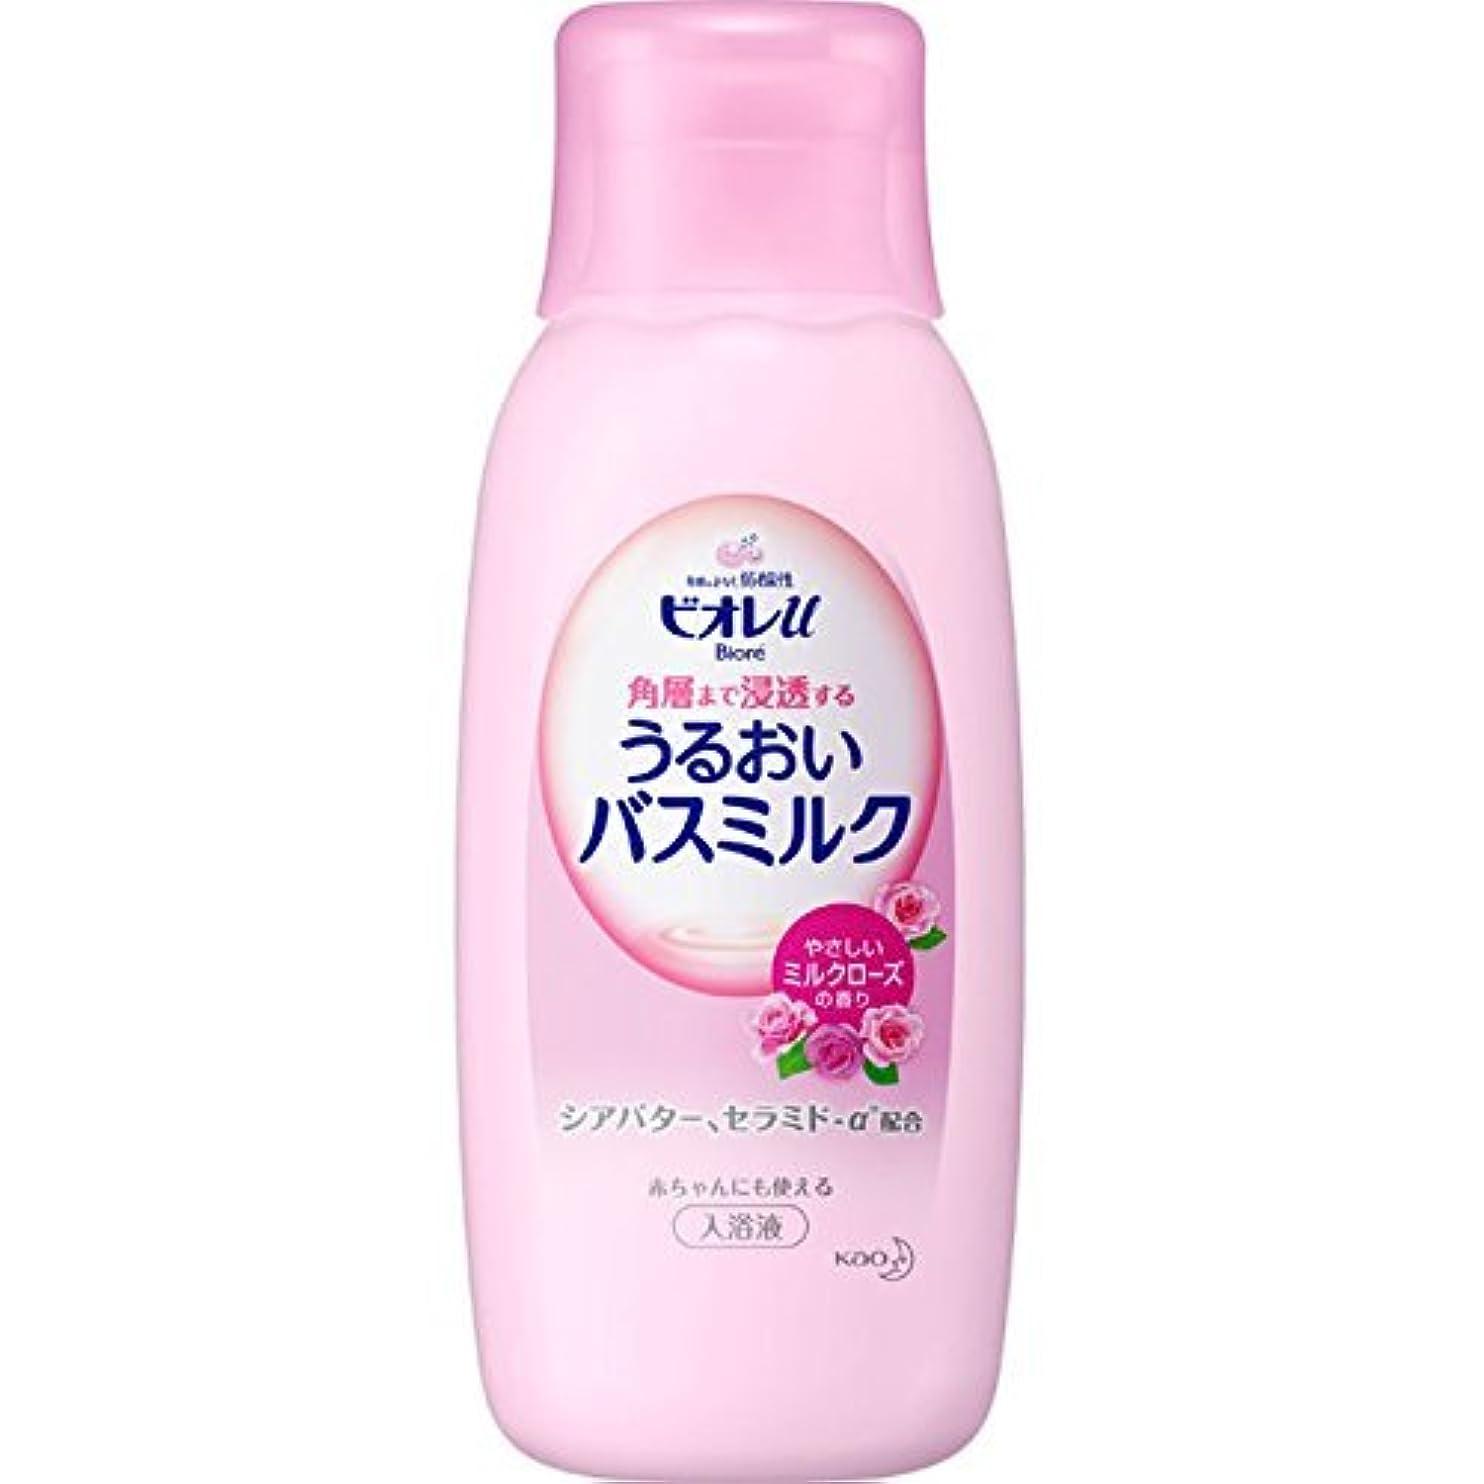 吹雪崇拝します受付【花王】ビオレU 家族みんなのすべすべバスミルク ミルクローズの香り <本体> 600ml ×5個セット